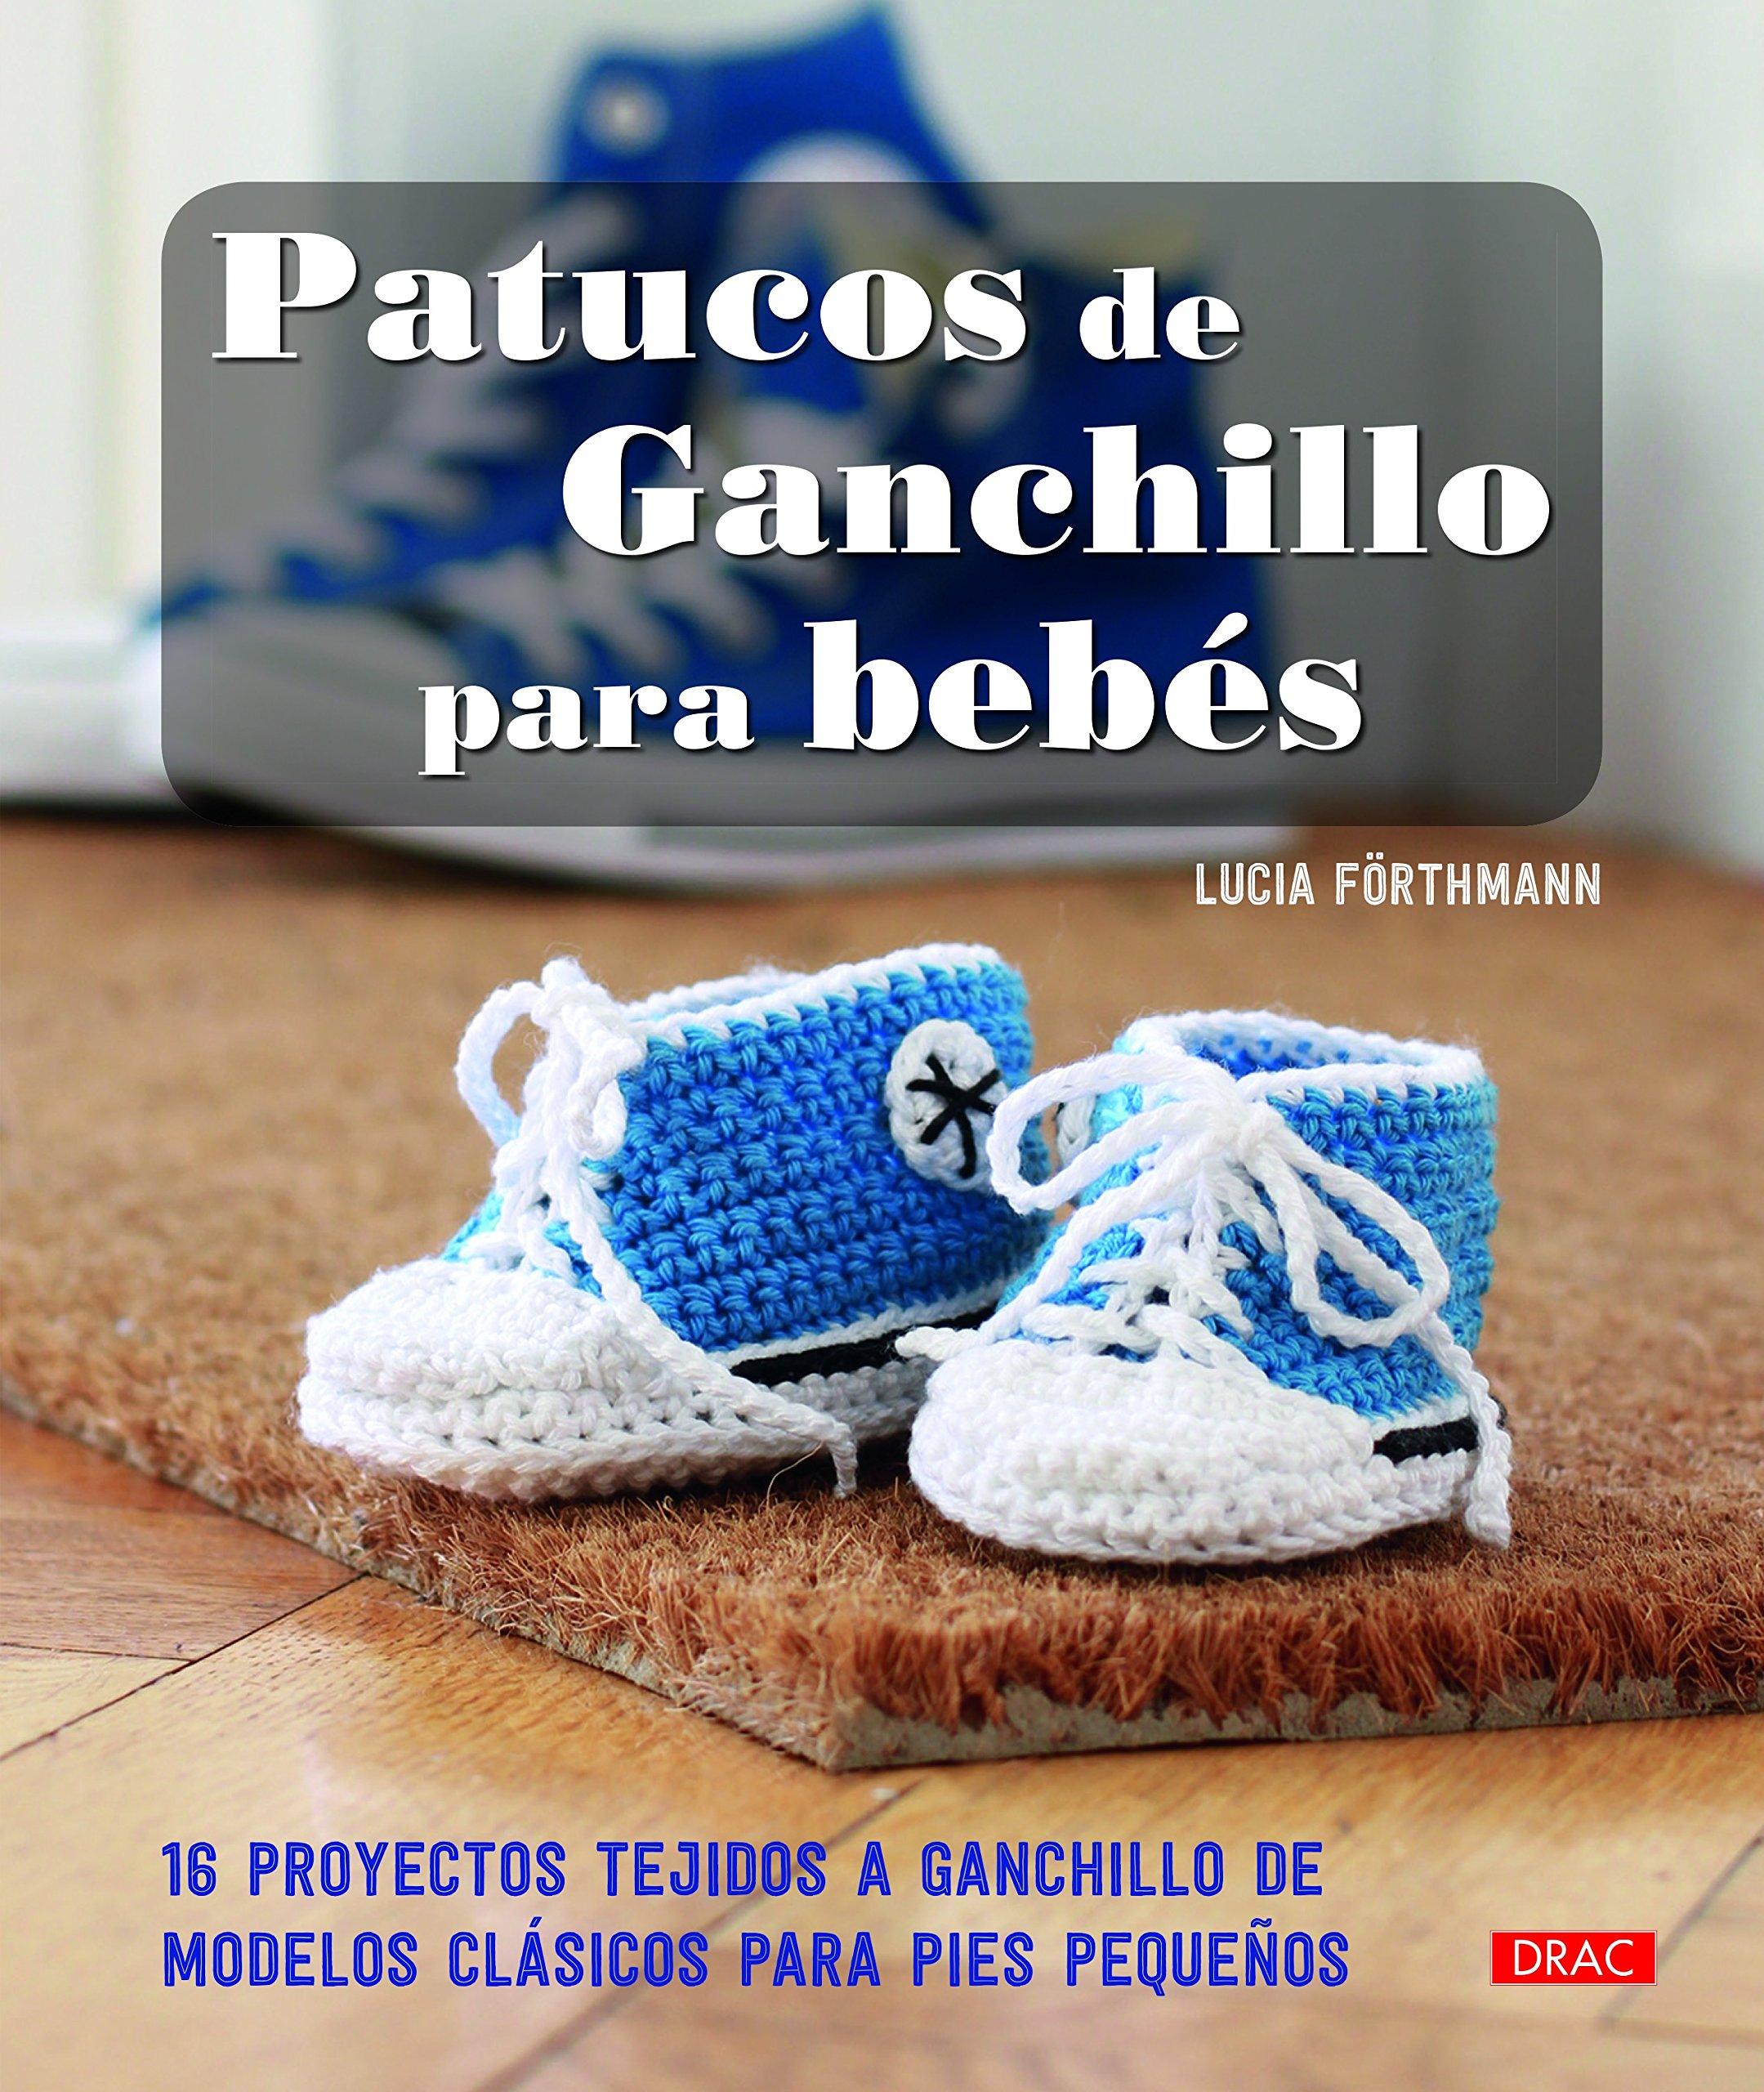 5687aa13f Patucos De Ganchillo Para Bebes  Amazon.es  Lucia Förthmann ...